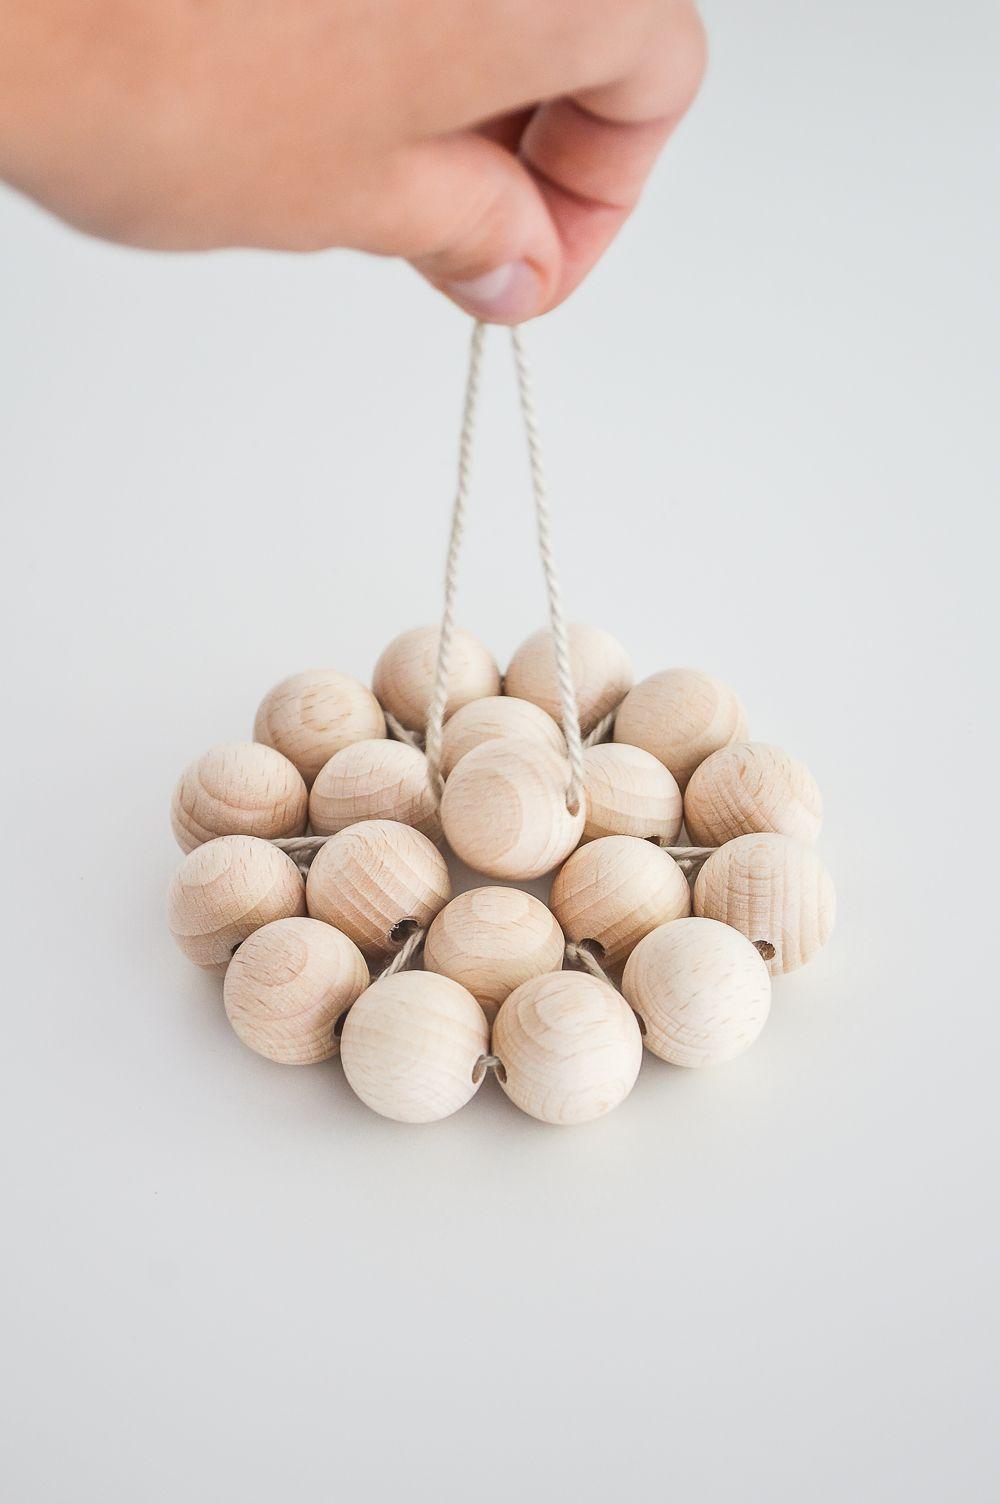 Start stringing the beads center